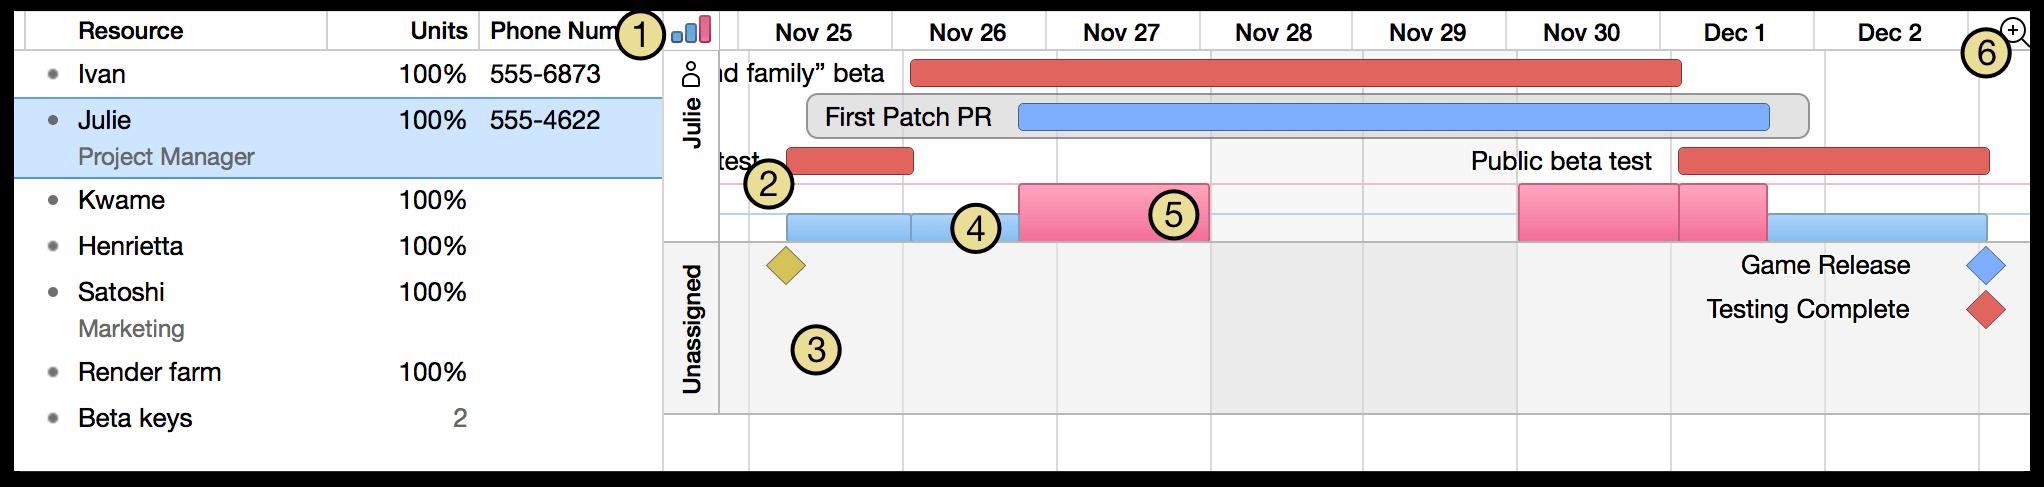 mac timelines